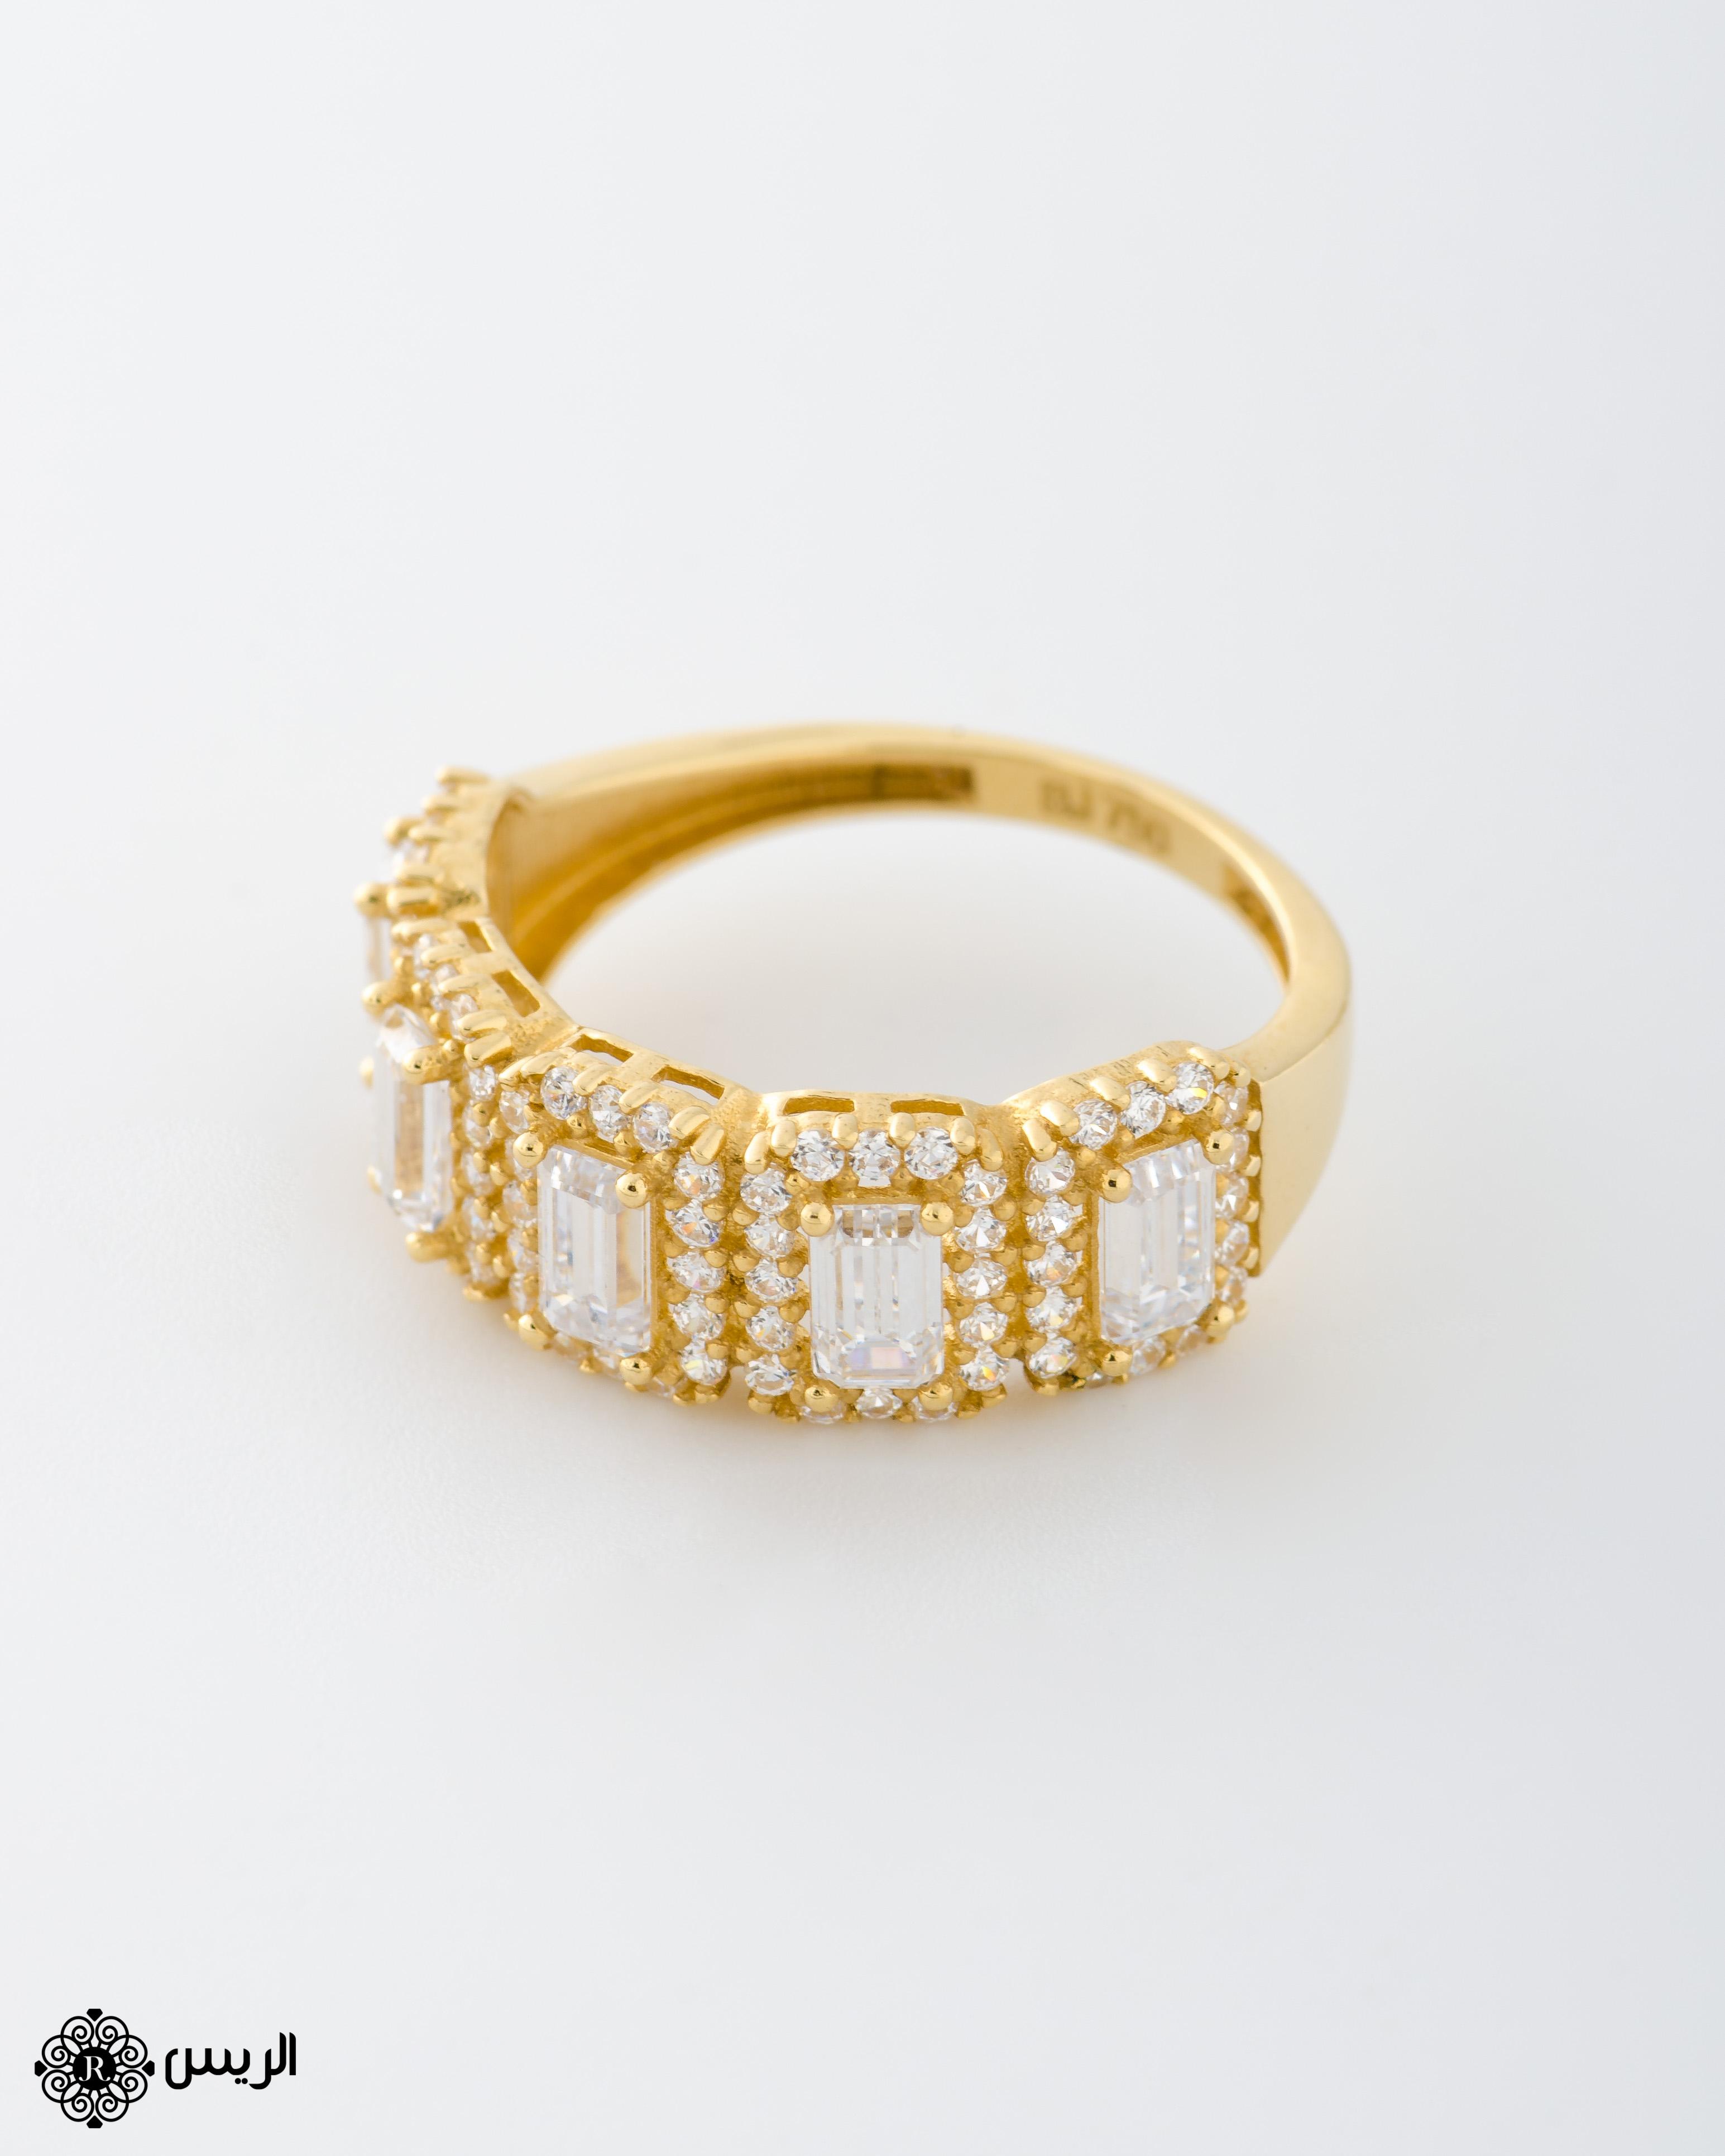 Raies jewelry Classic Ring خاتم كلاسيك الريس للمجوهرات